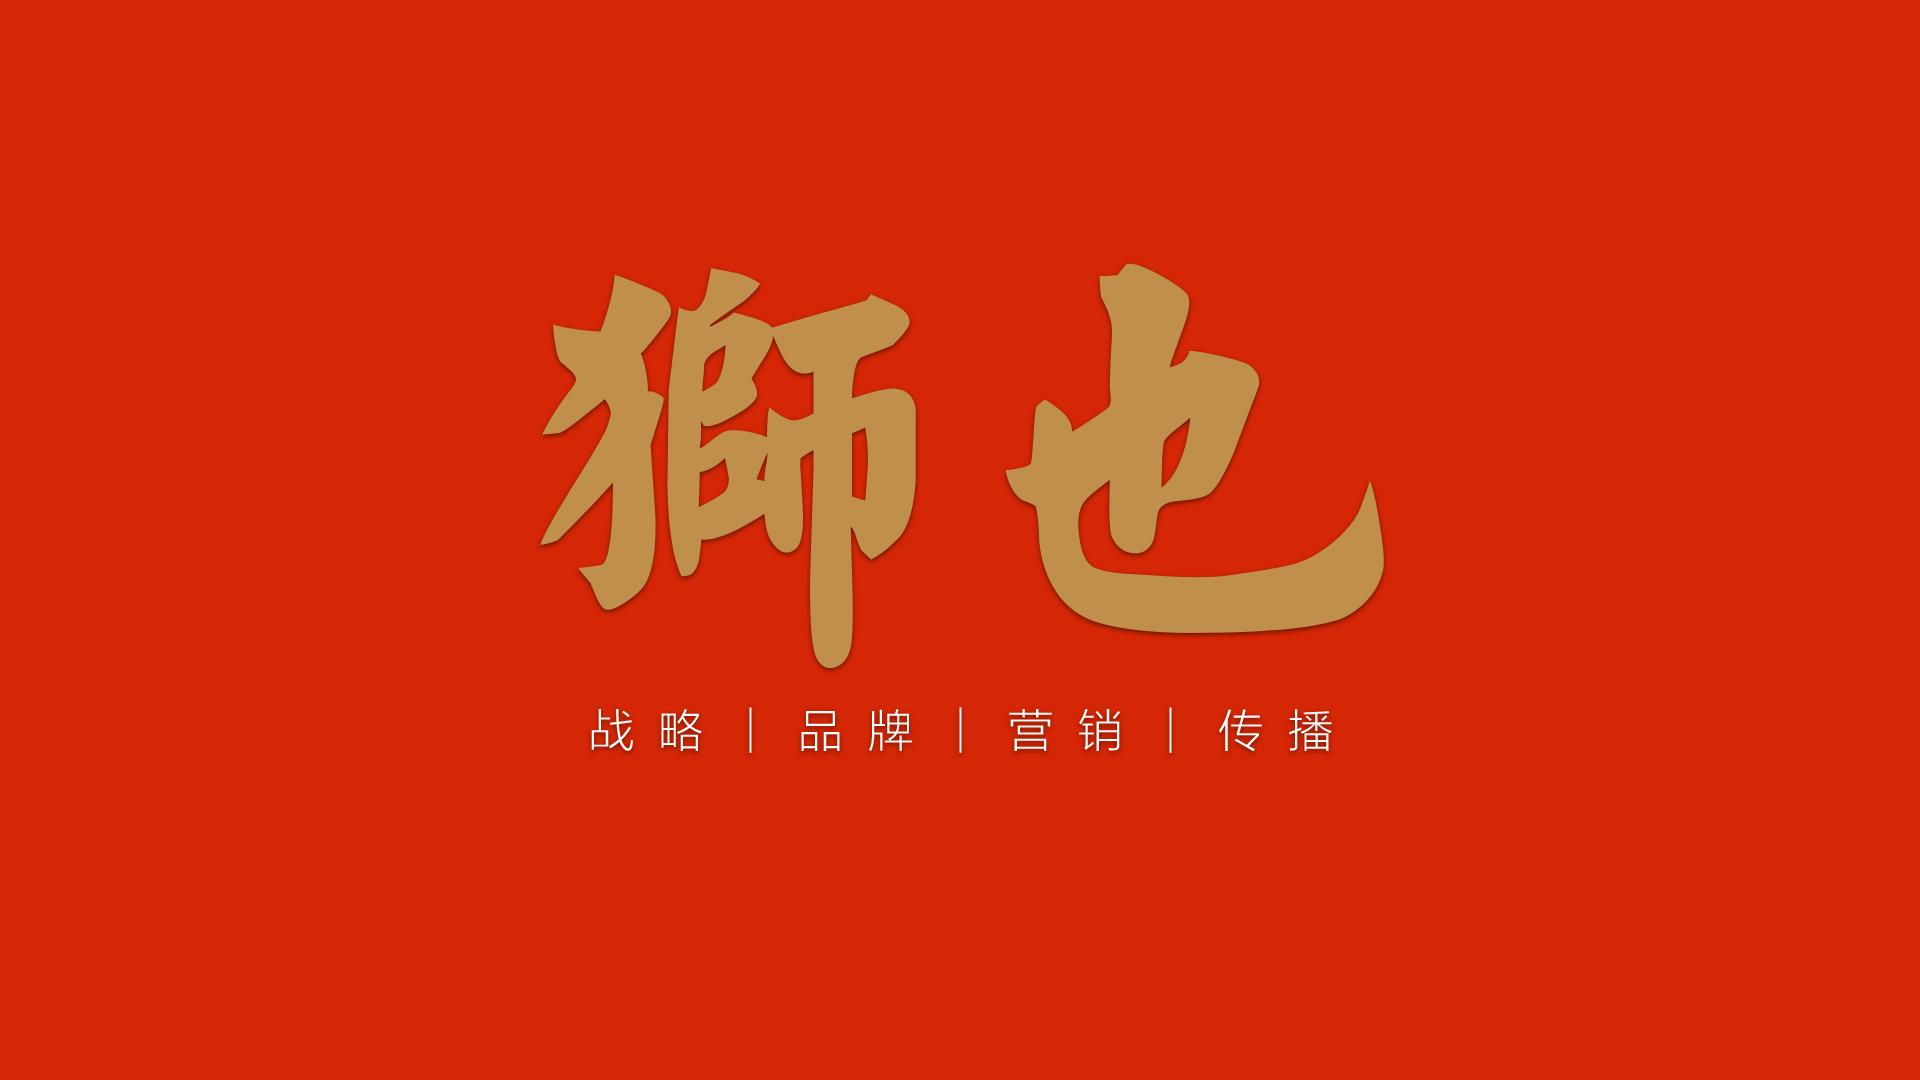 社群营销——微商养群的10个秘诀—山东济南狮也战略品牌营销策划咨询顾问公司